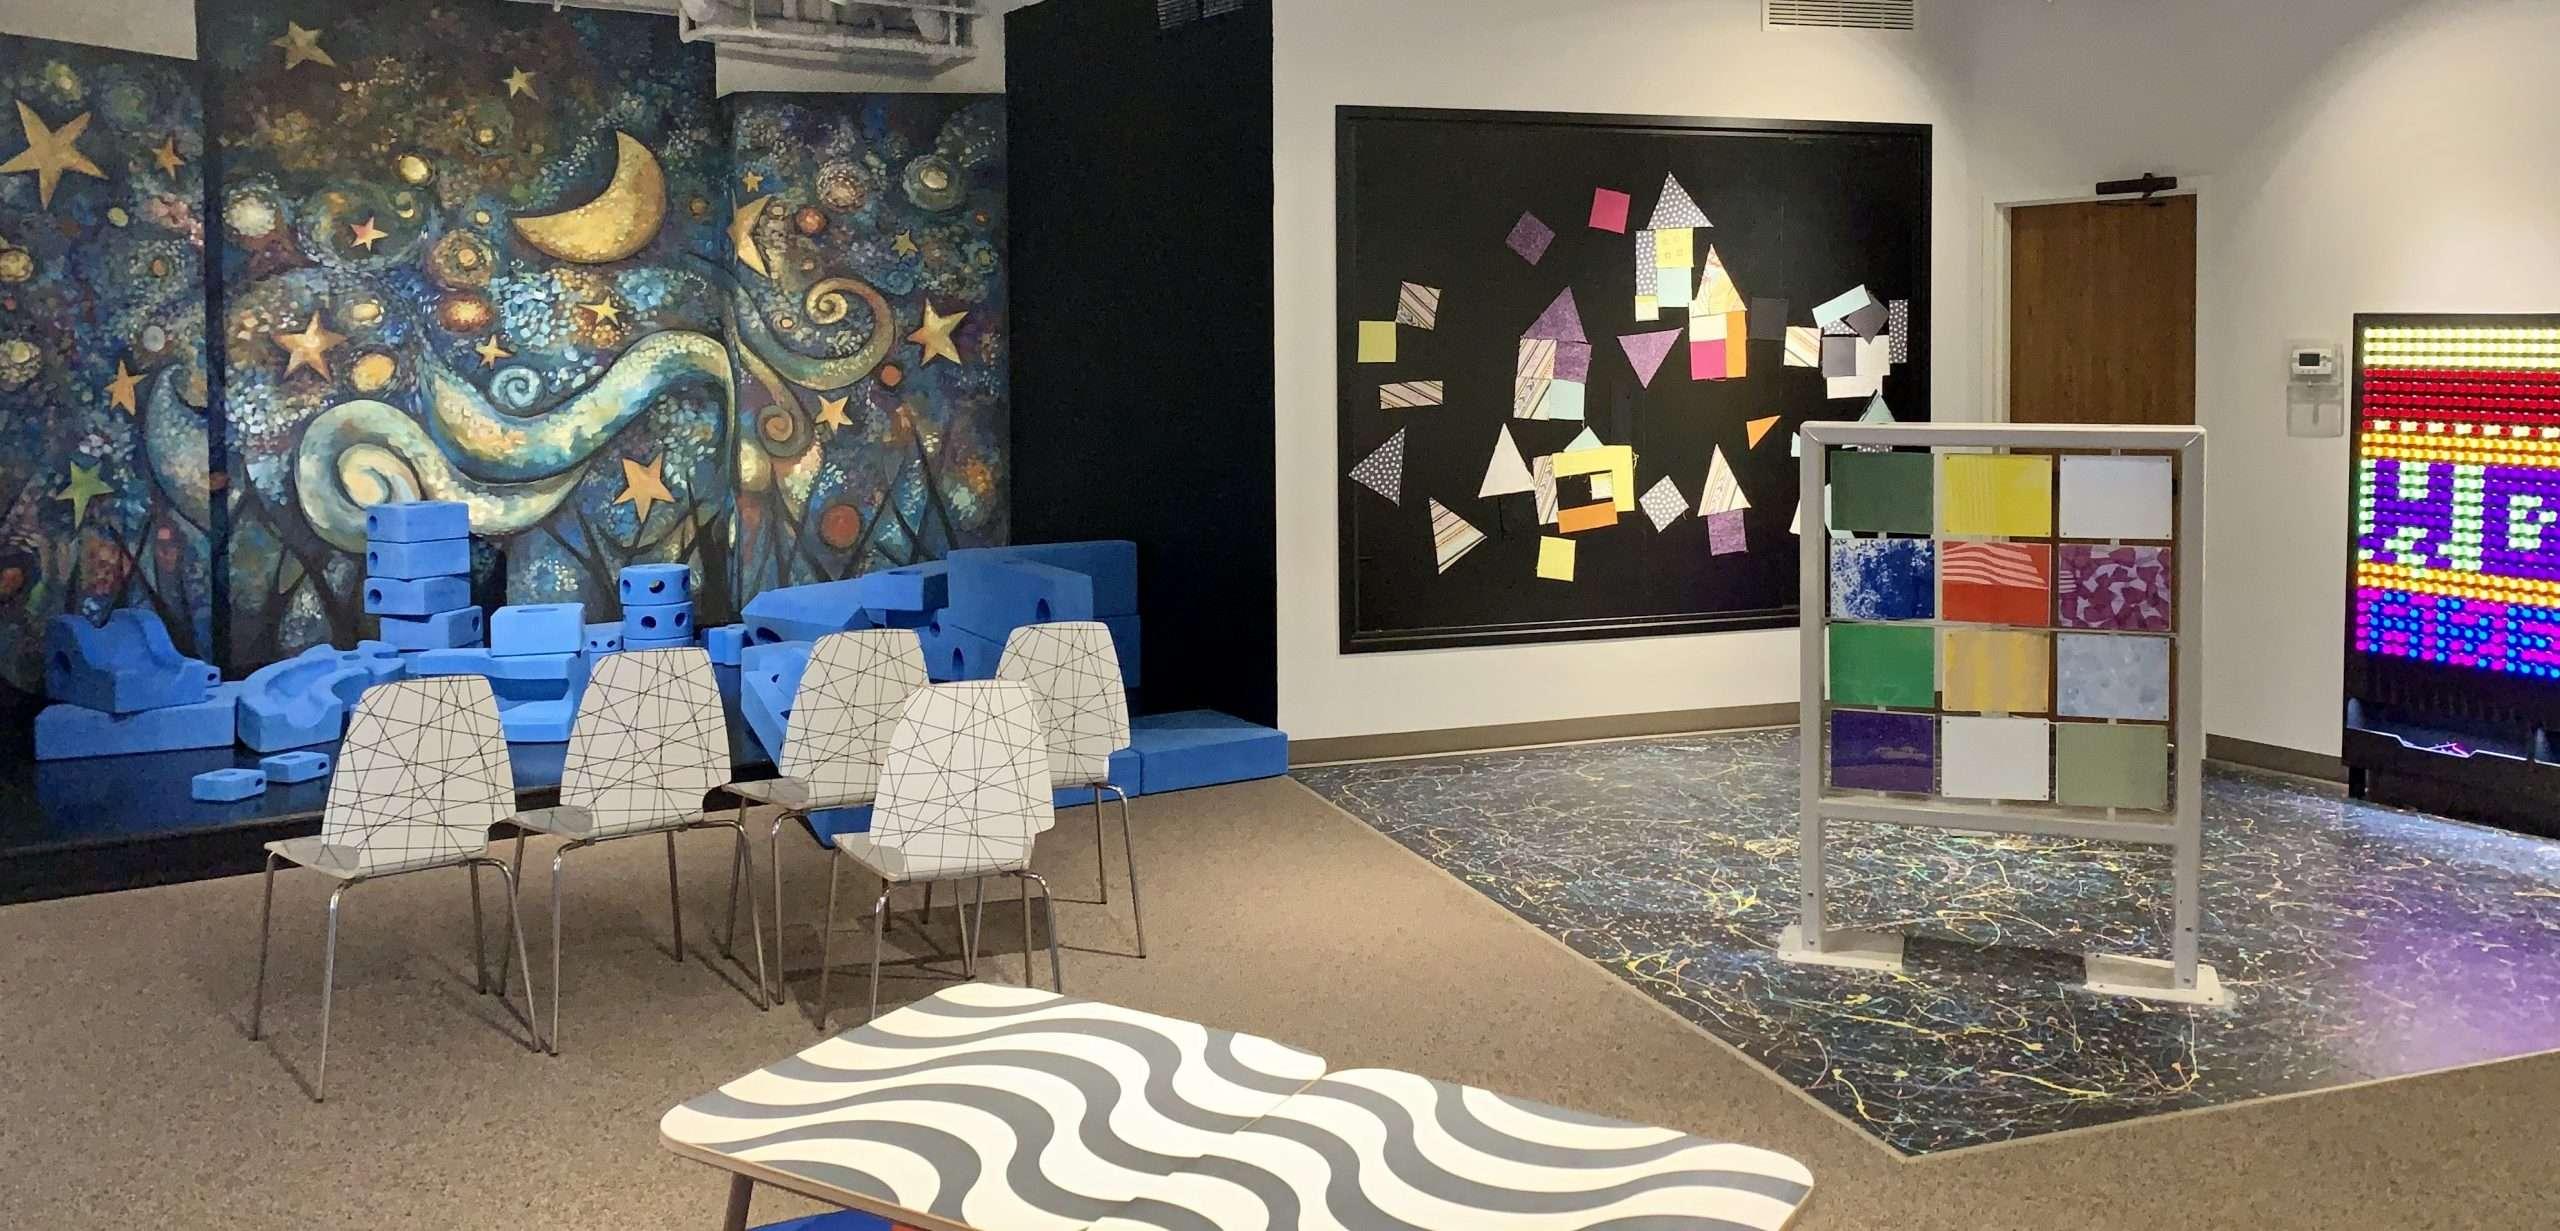 Lakes Art Center